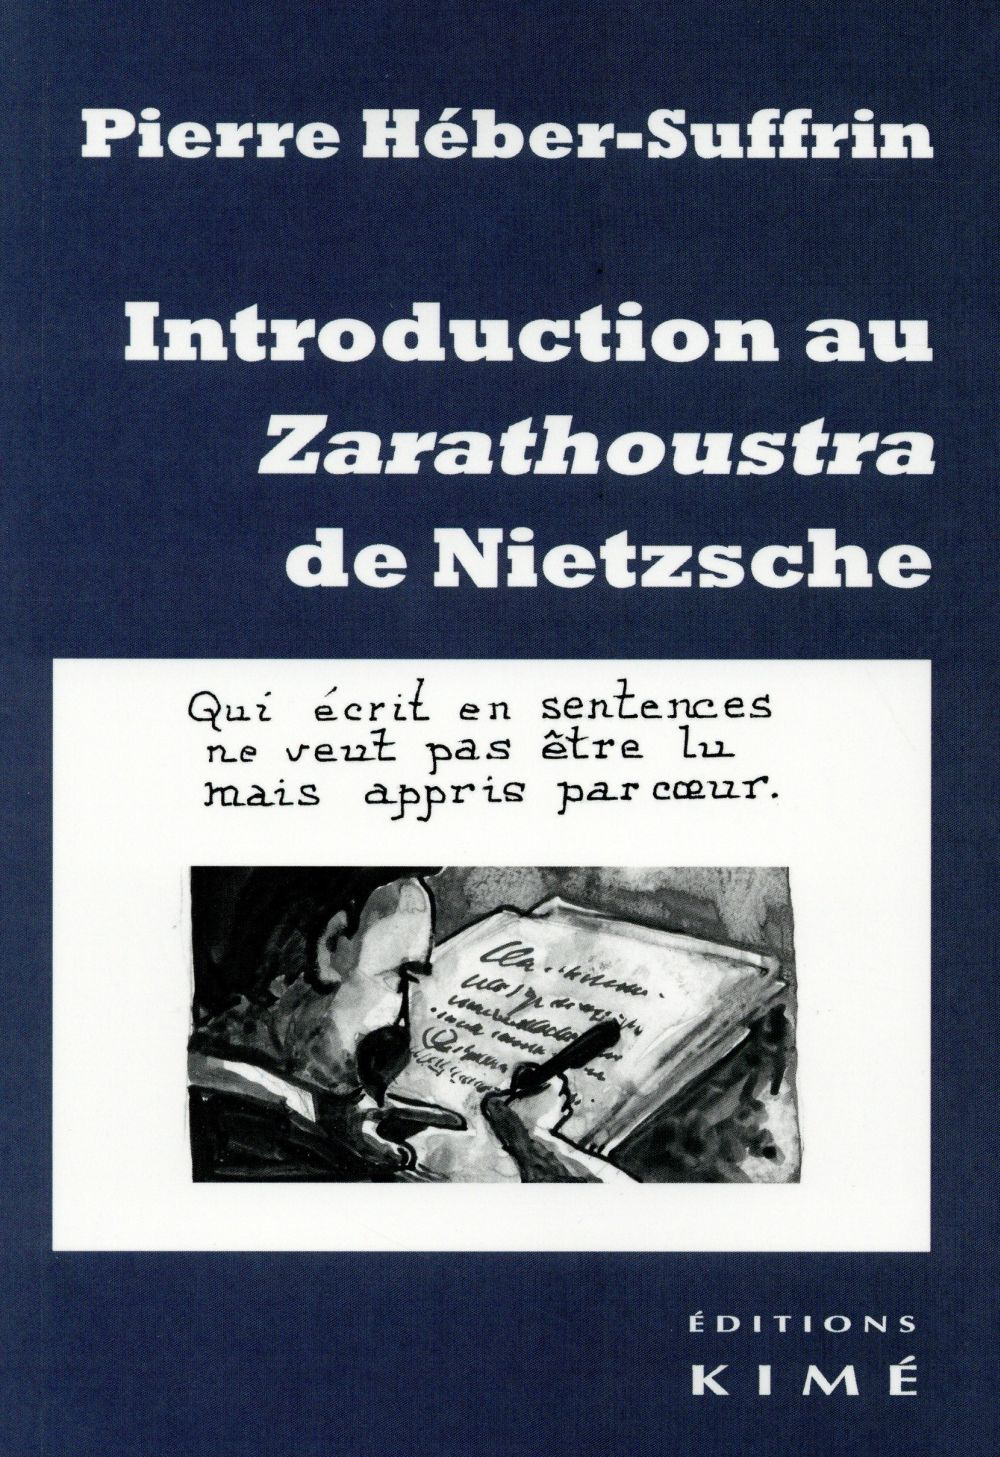 INTRODUCTION AU ZARATHOUSTRA DE NIETZSCHE